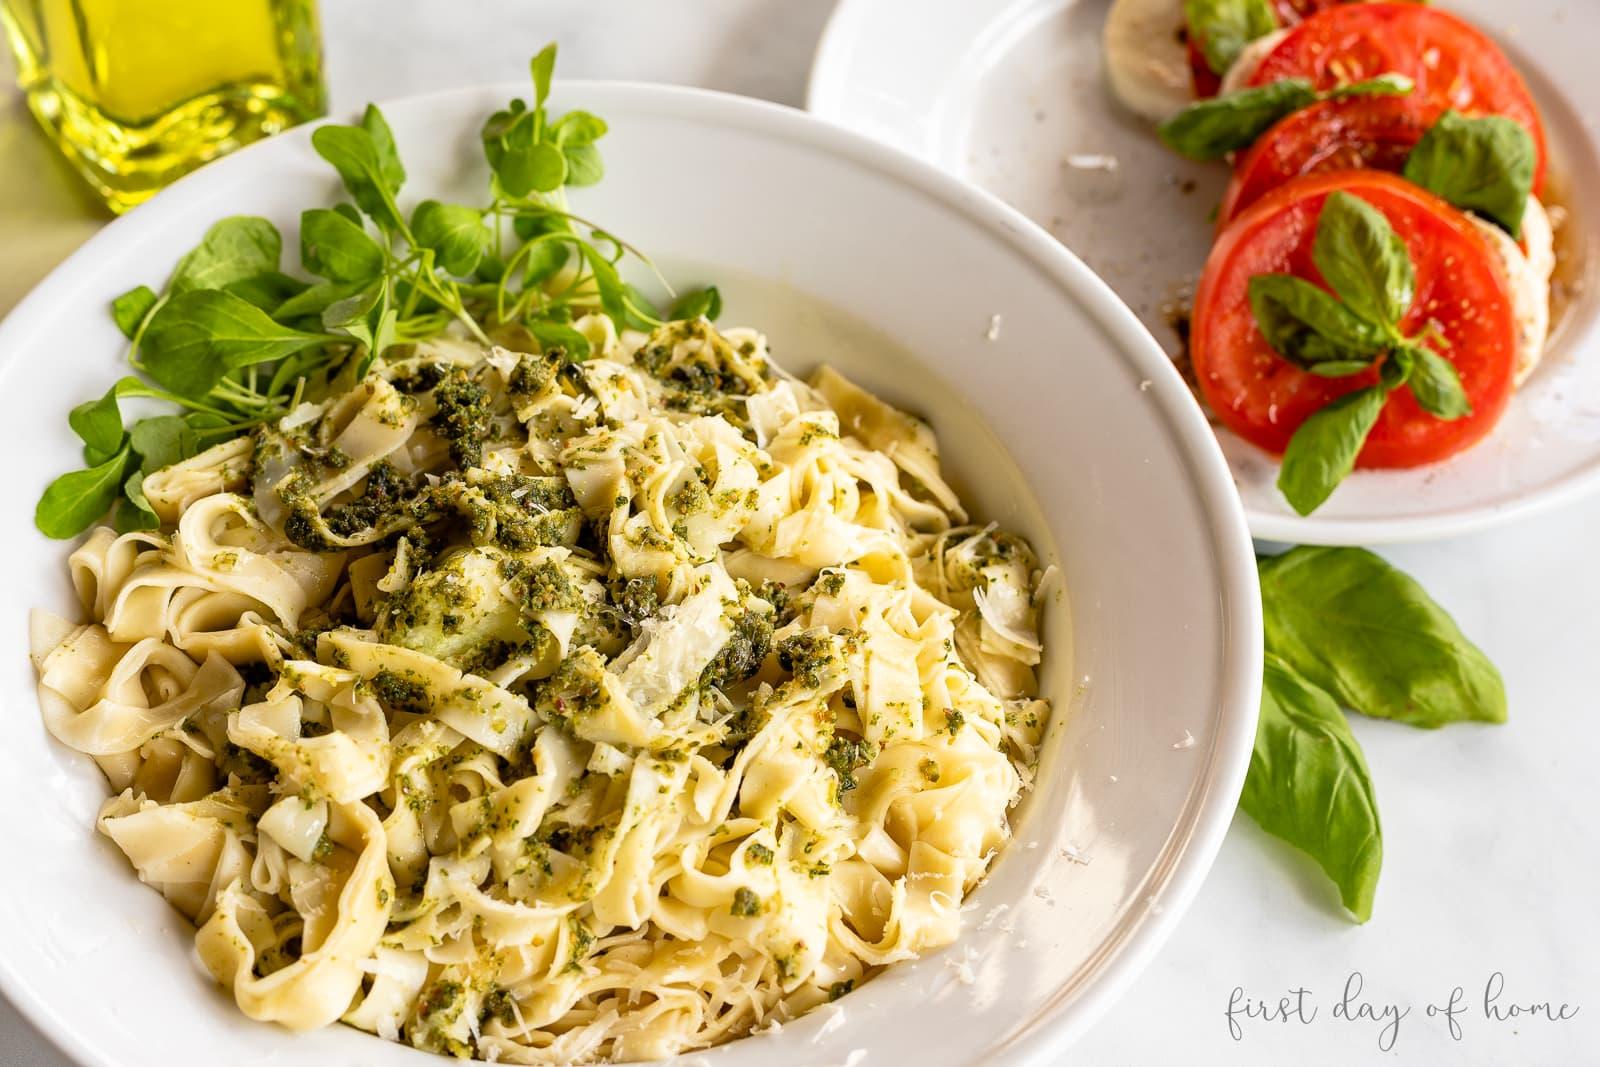 Homemade linguine pasta with scratch basil pesto sauce